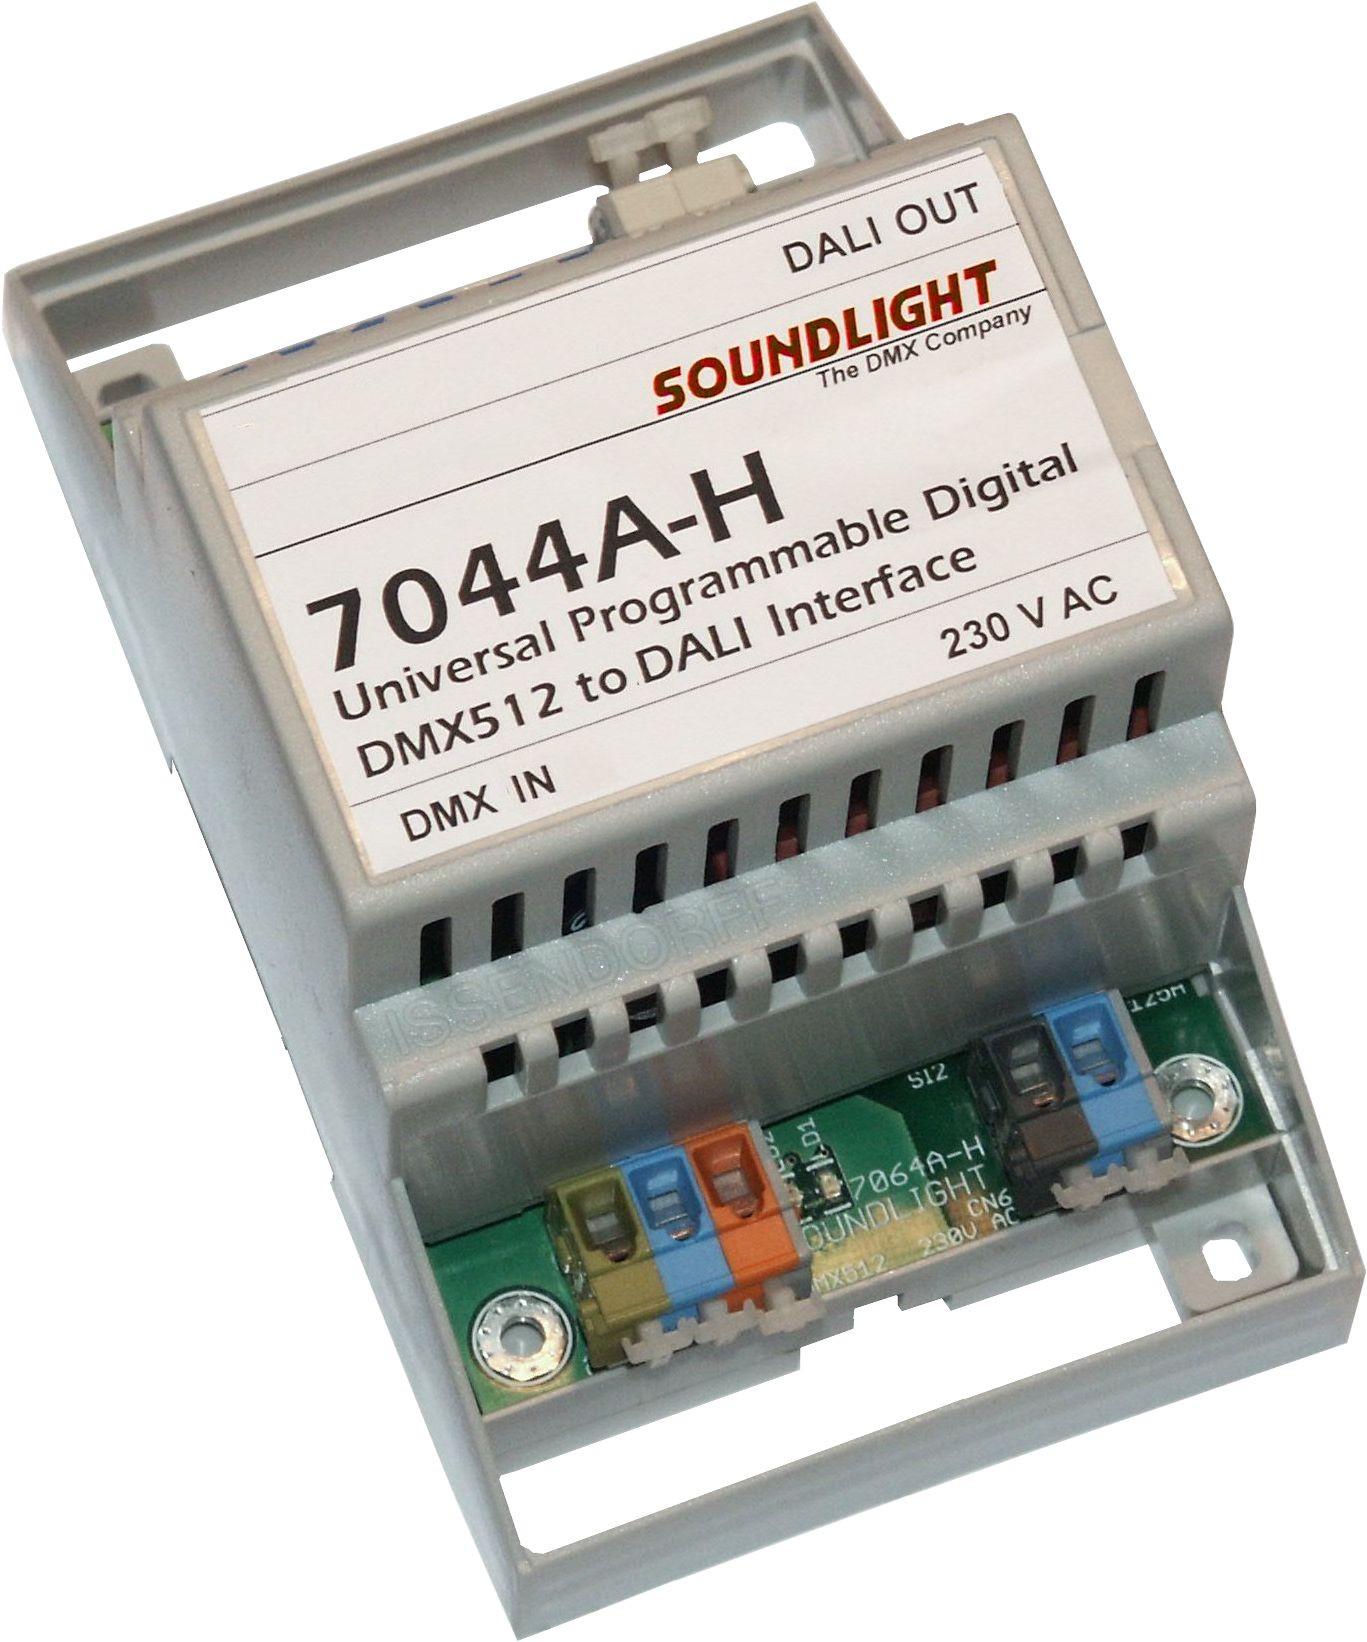 7044A-H | DMX naar DALI interface, 4 groepen